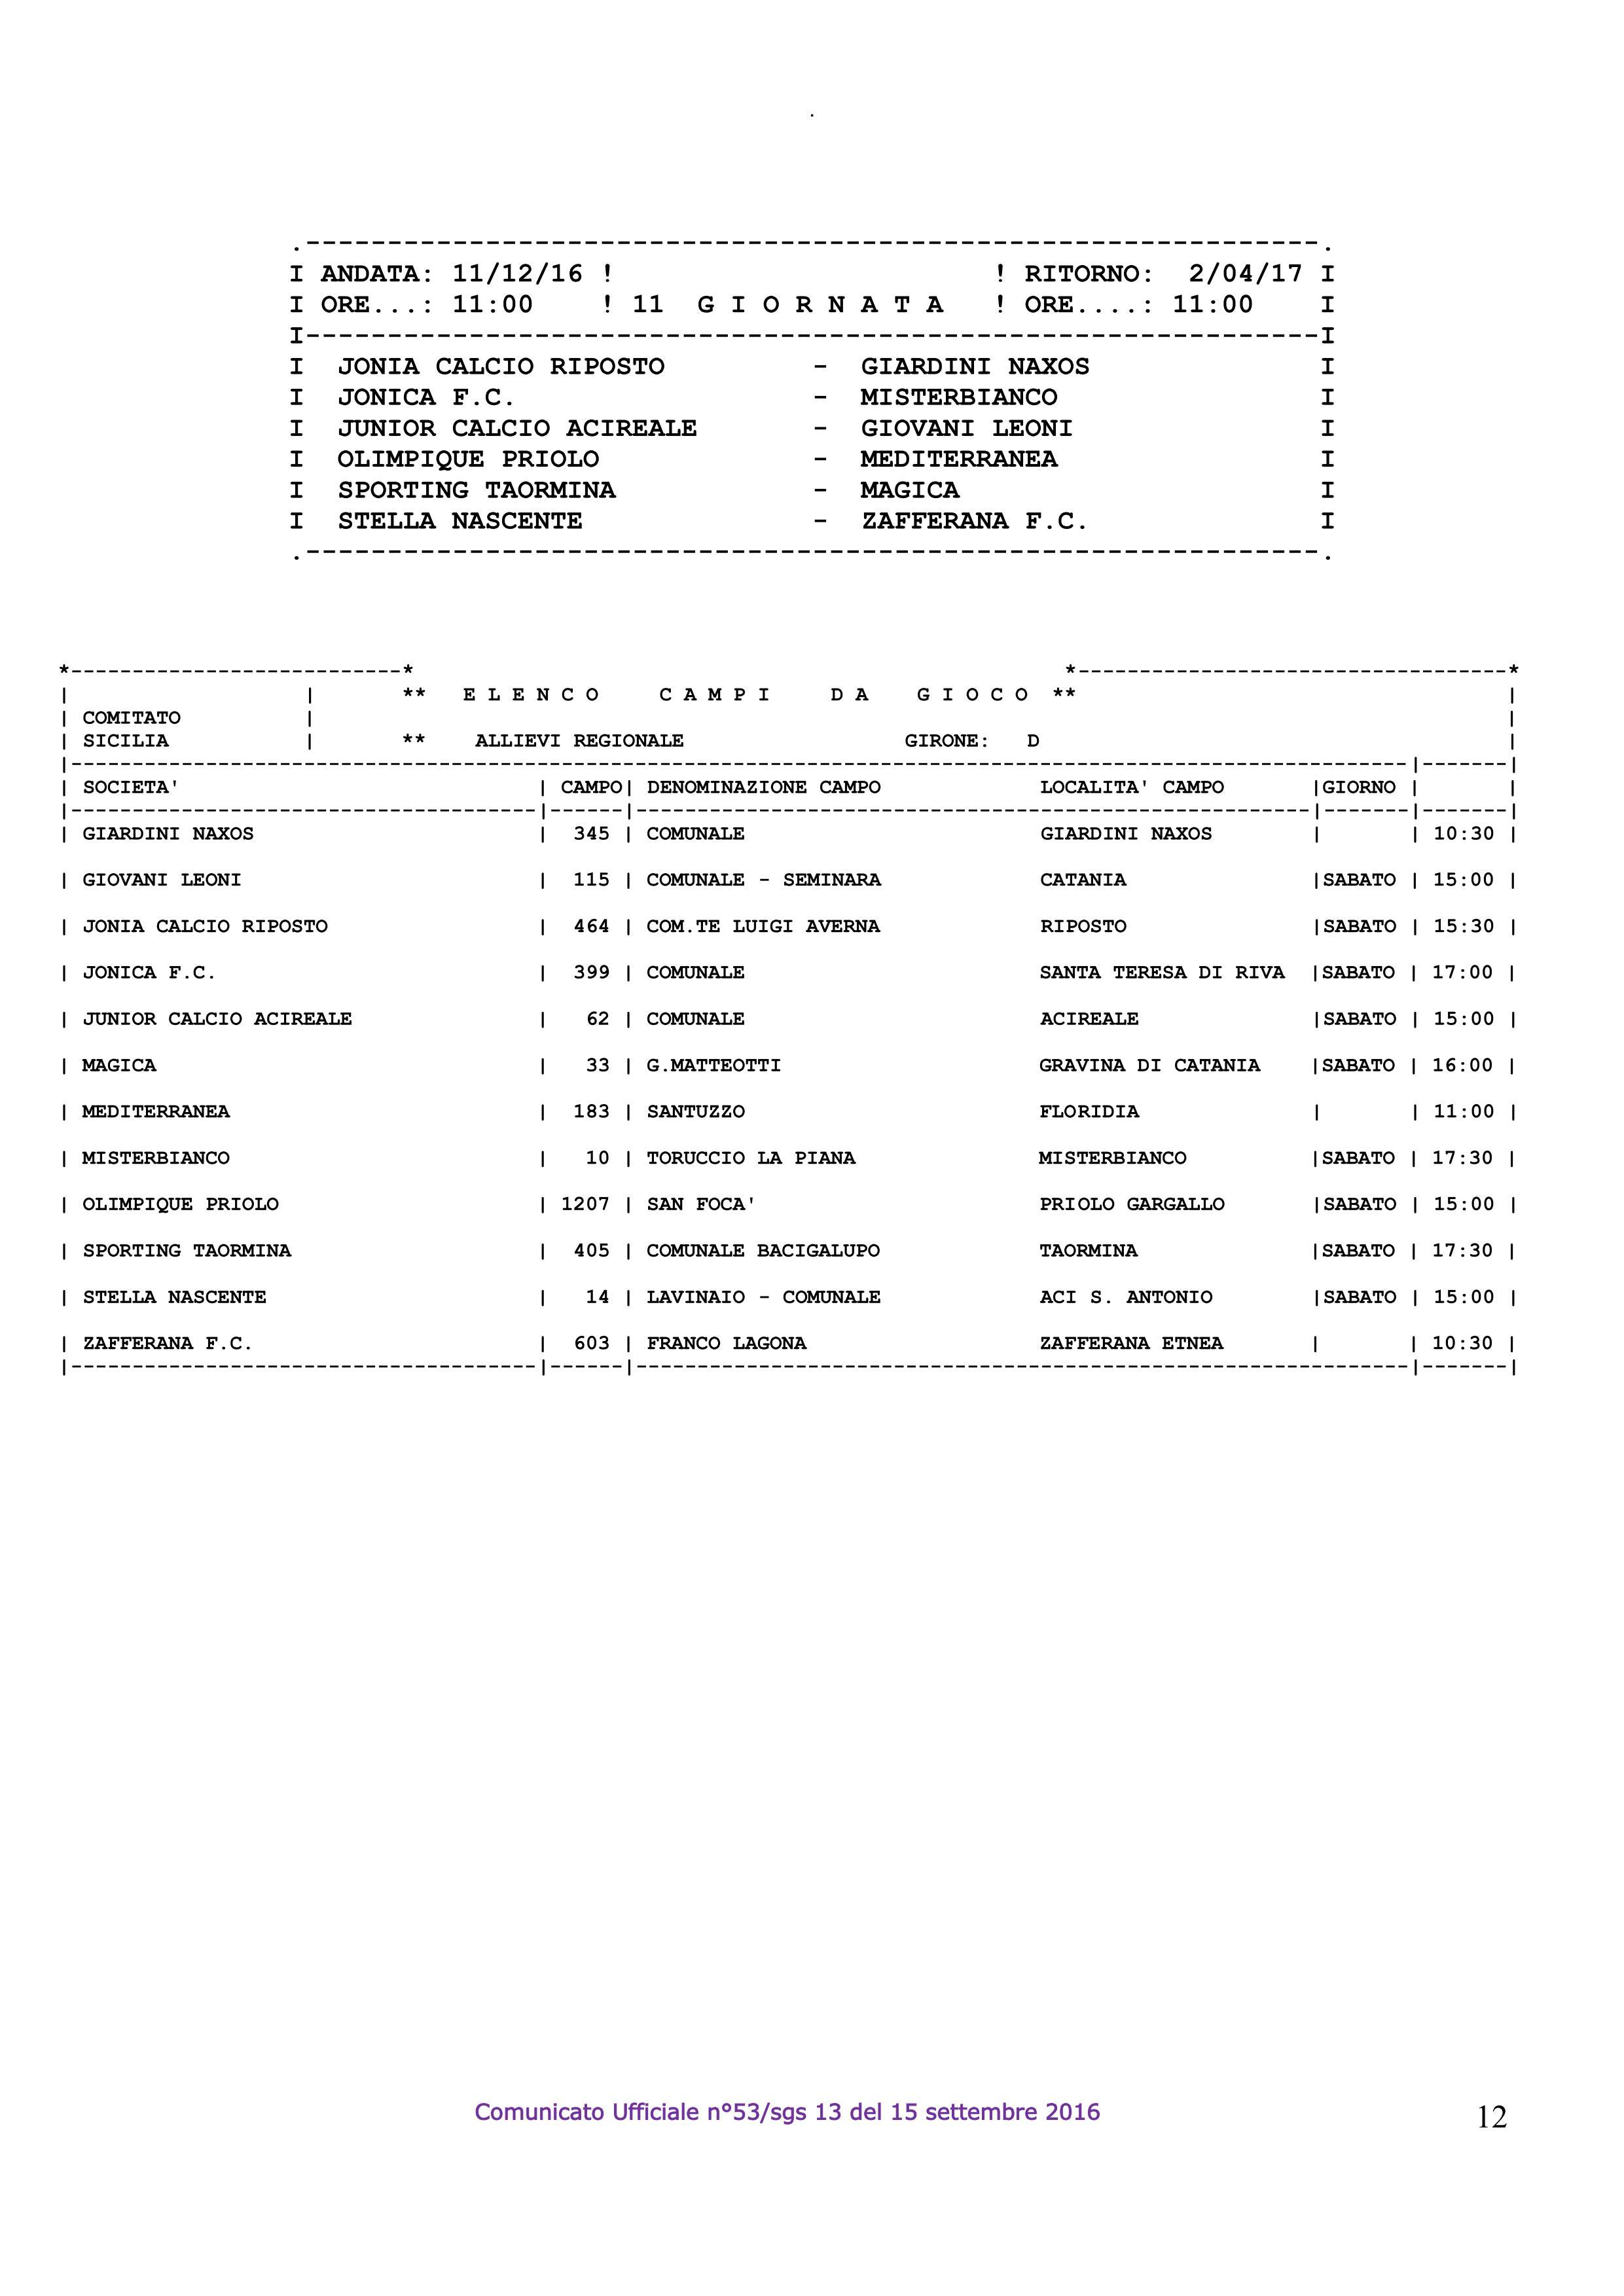 calendario allievi regionali 16-17 – 12